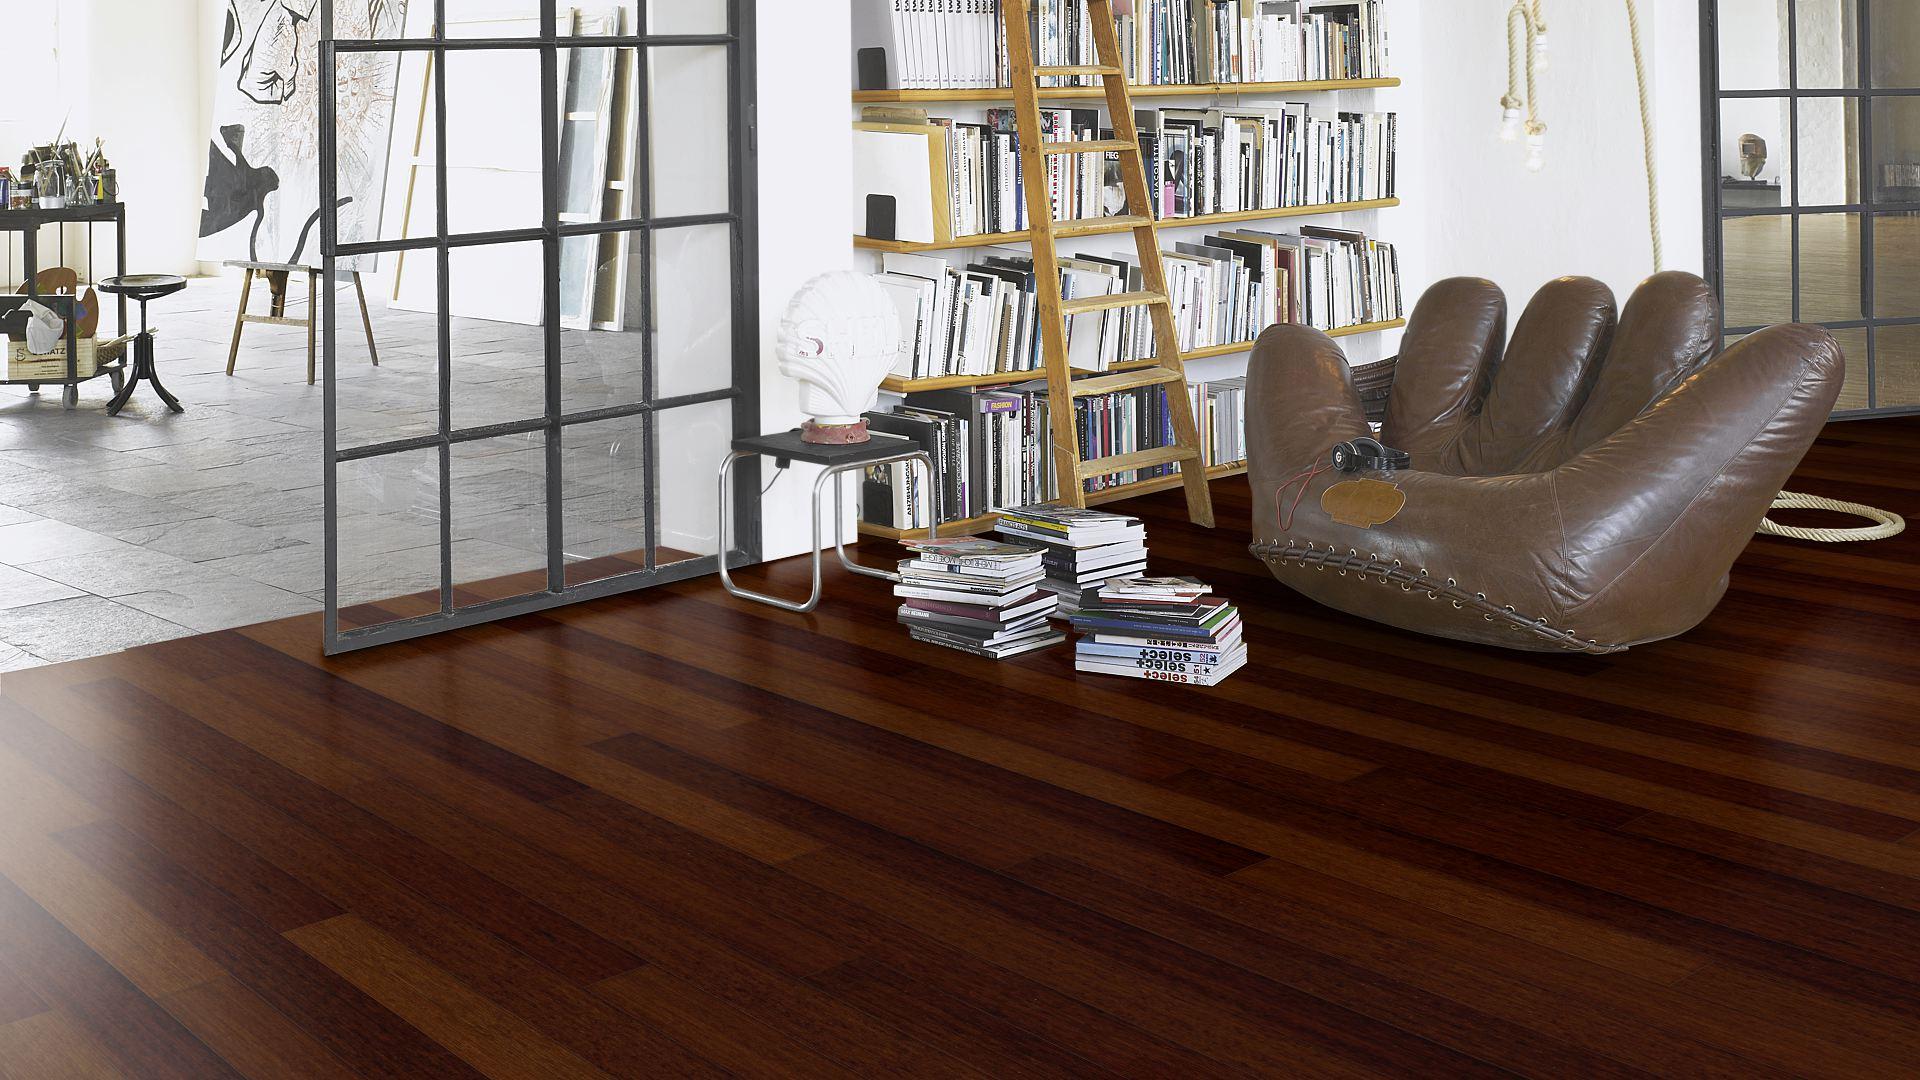 Паркет Parador, Trendtime 1, 1144697 Бамбук шоколадный, лак, Natur, 1-полосный